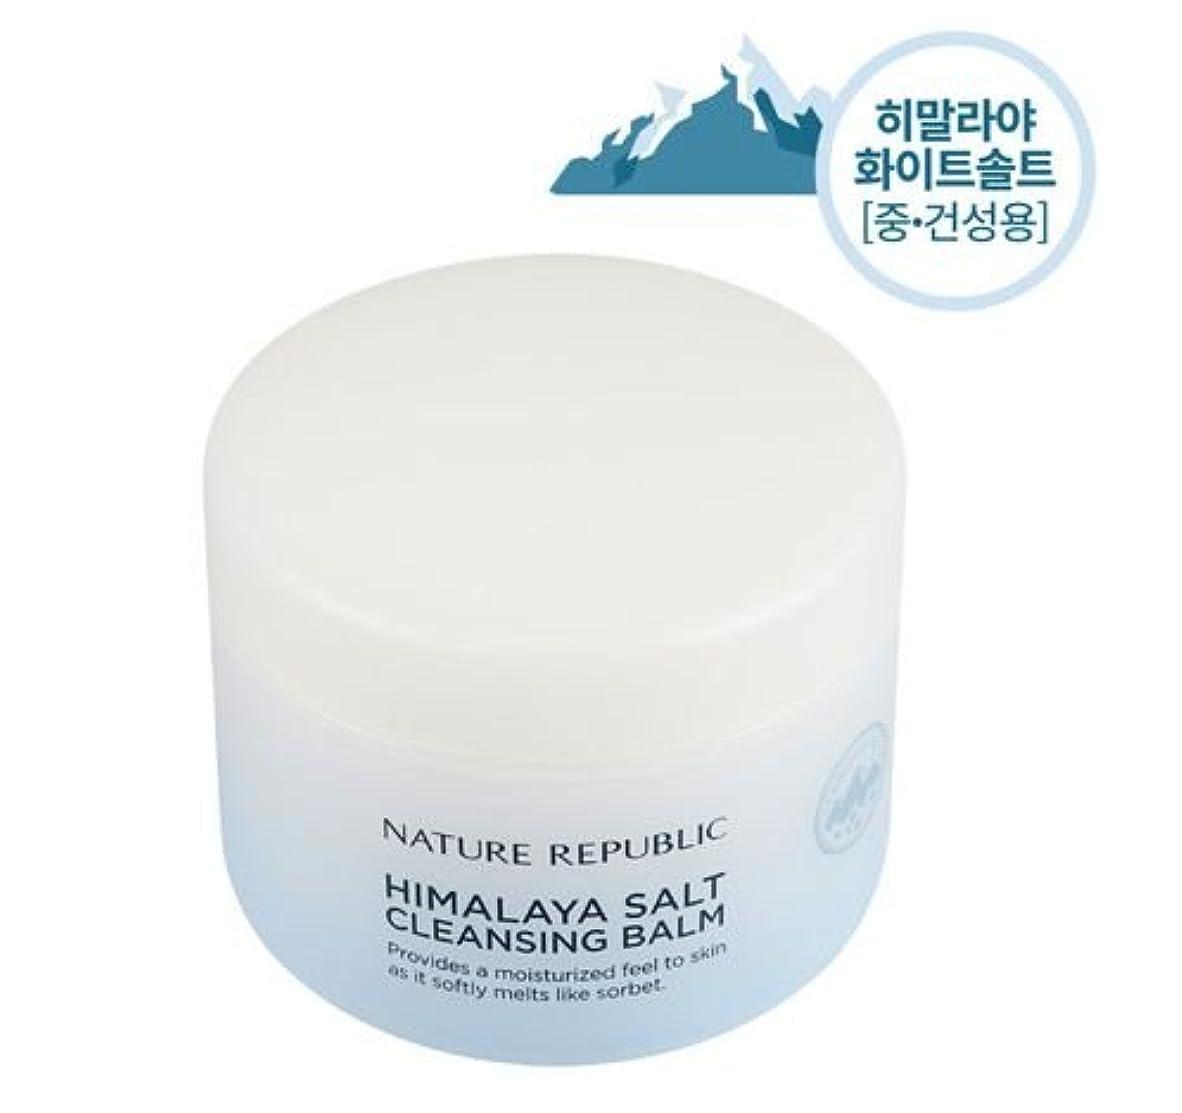 問い合わせランク通路NATURE REPUBLIC Himalaya salt cleansing balm (white salt)ヒマラヤソルトクレンジングバーム(white salt) [並行輸入品]